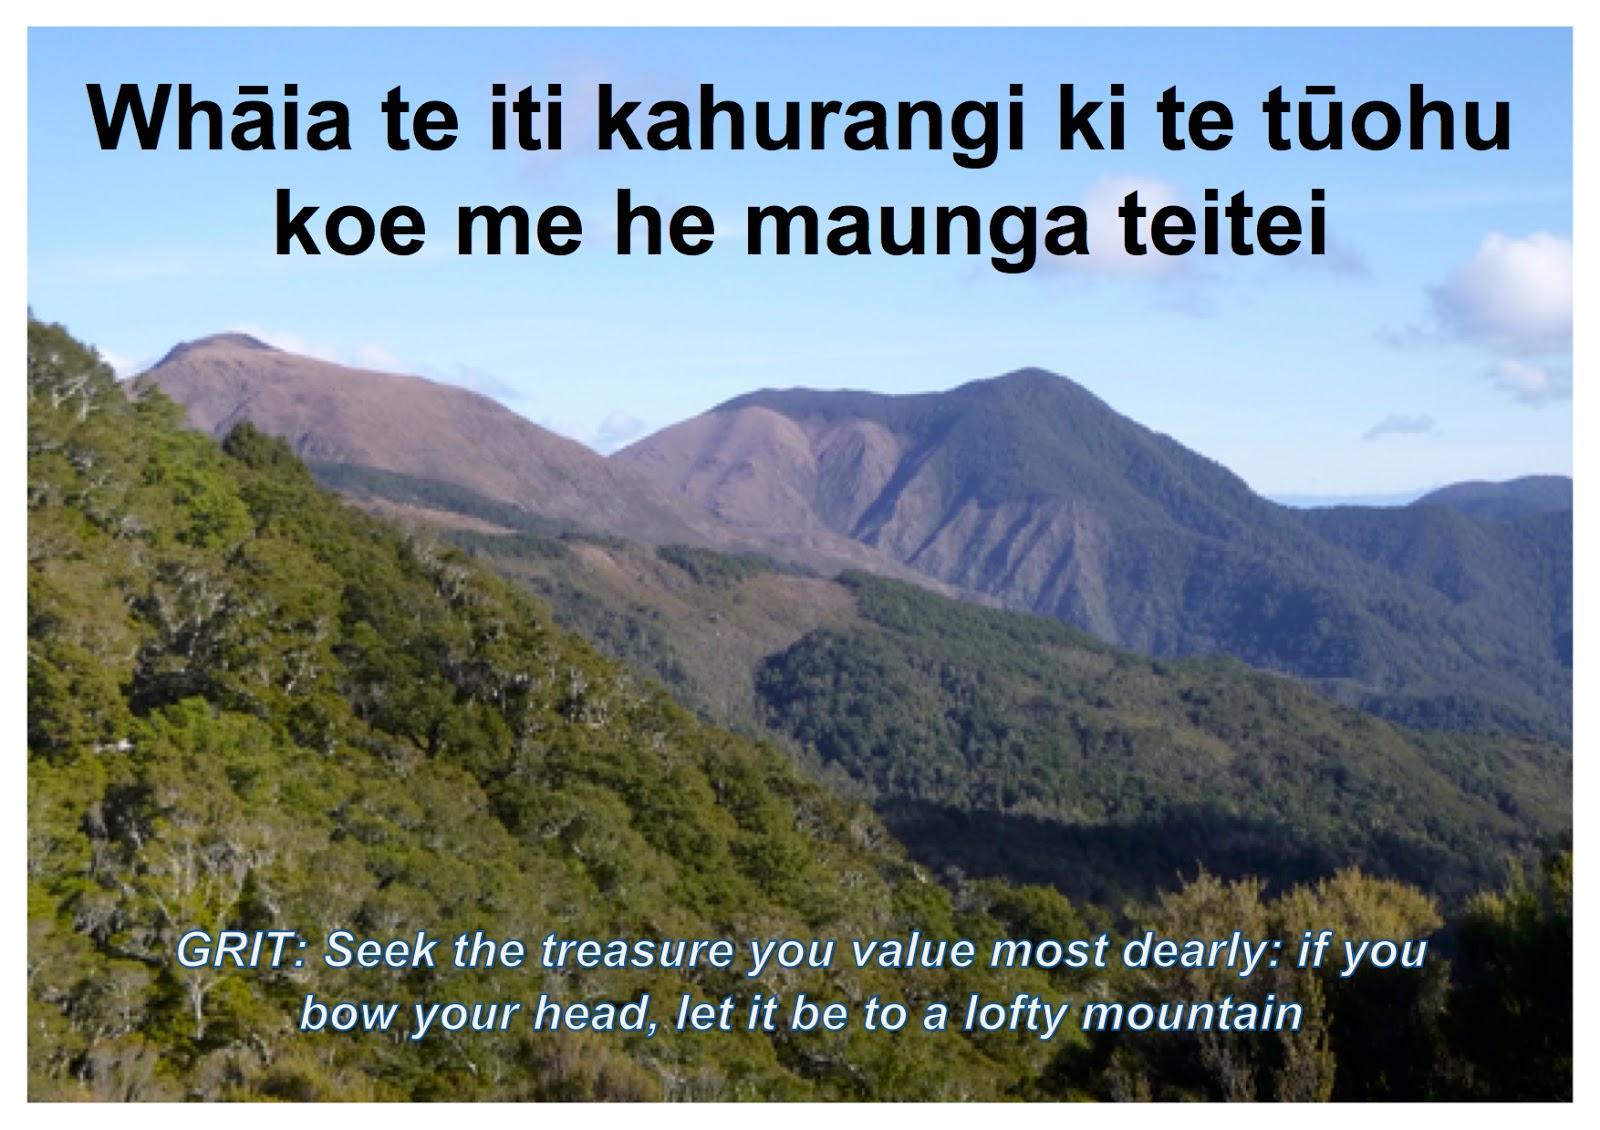 Mātauranga Māori @ Birchwood School: Whakataukī